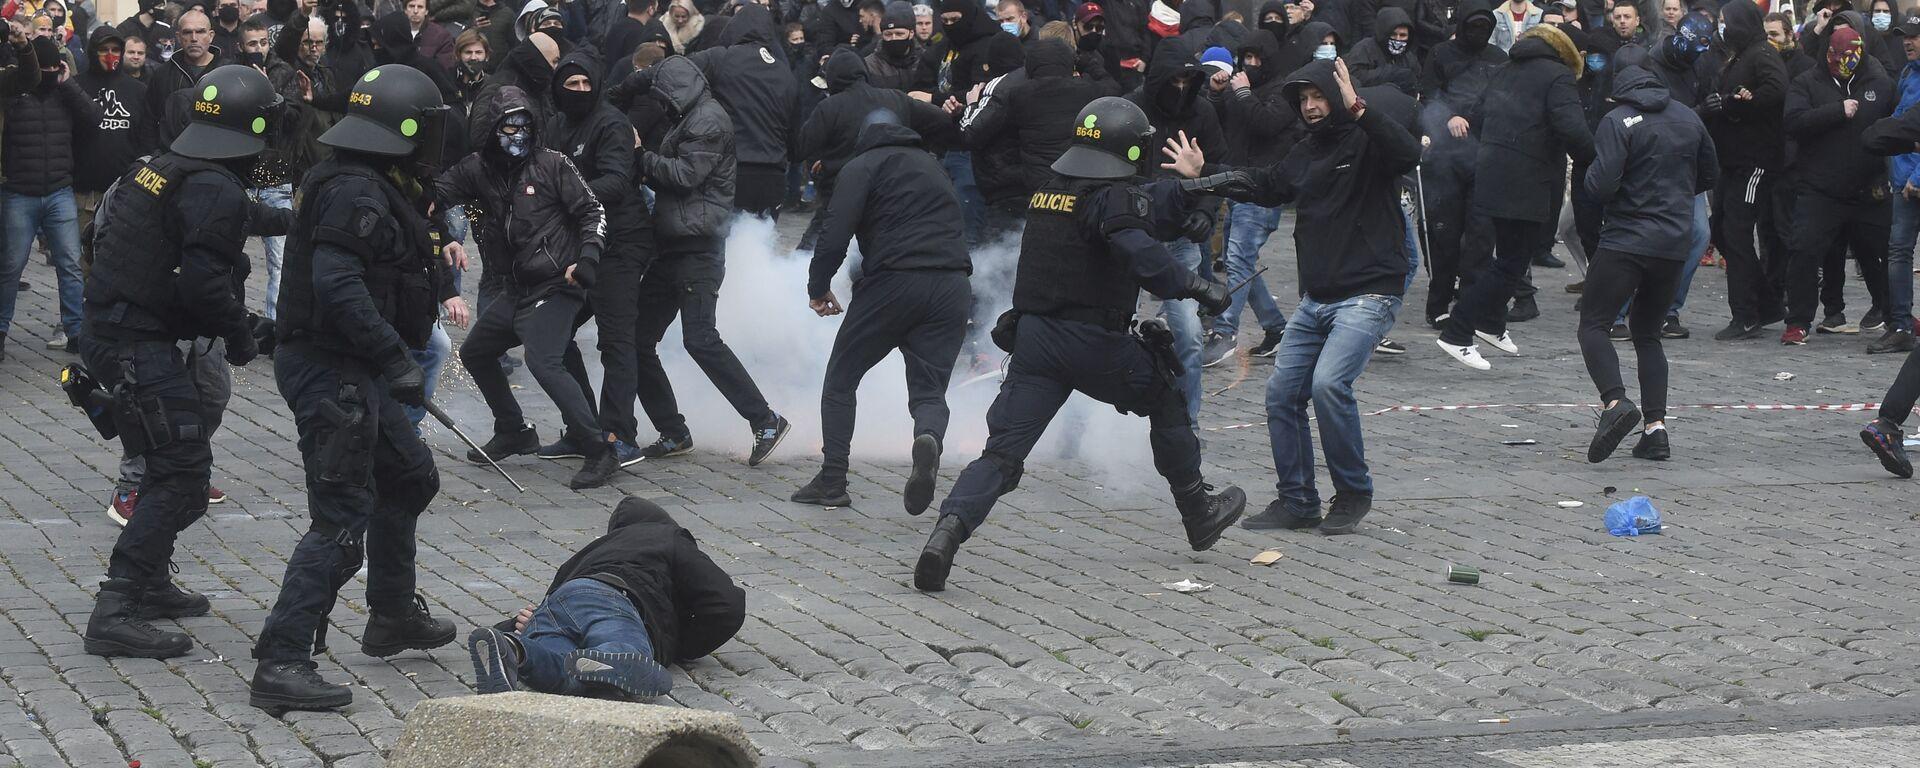 Protesty v Praze. Ilustrační foto - Sputnik Česká republika, 1920, 27.03.2021